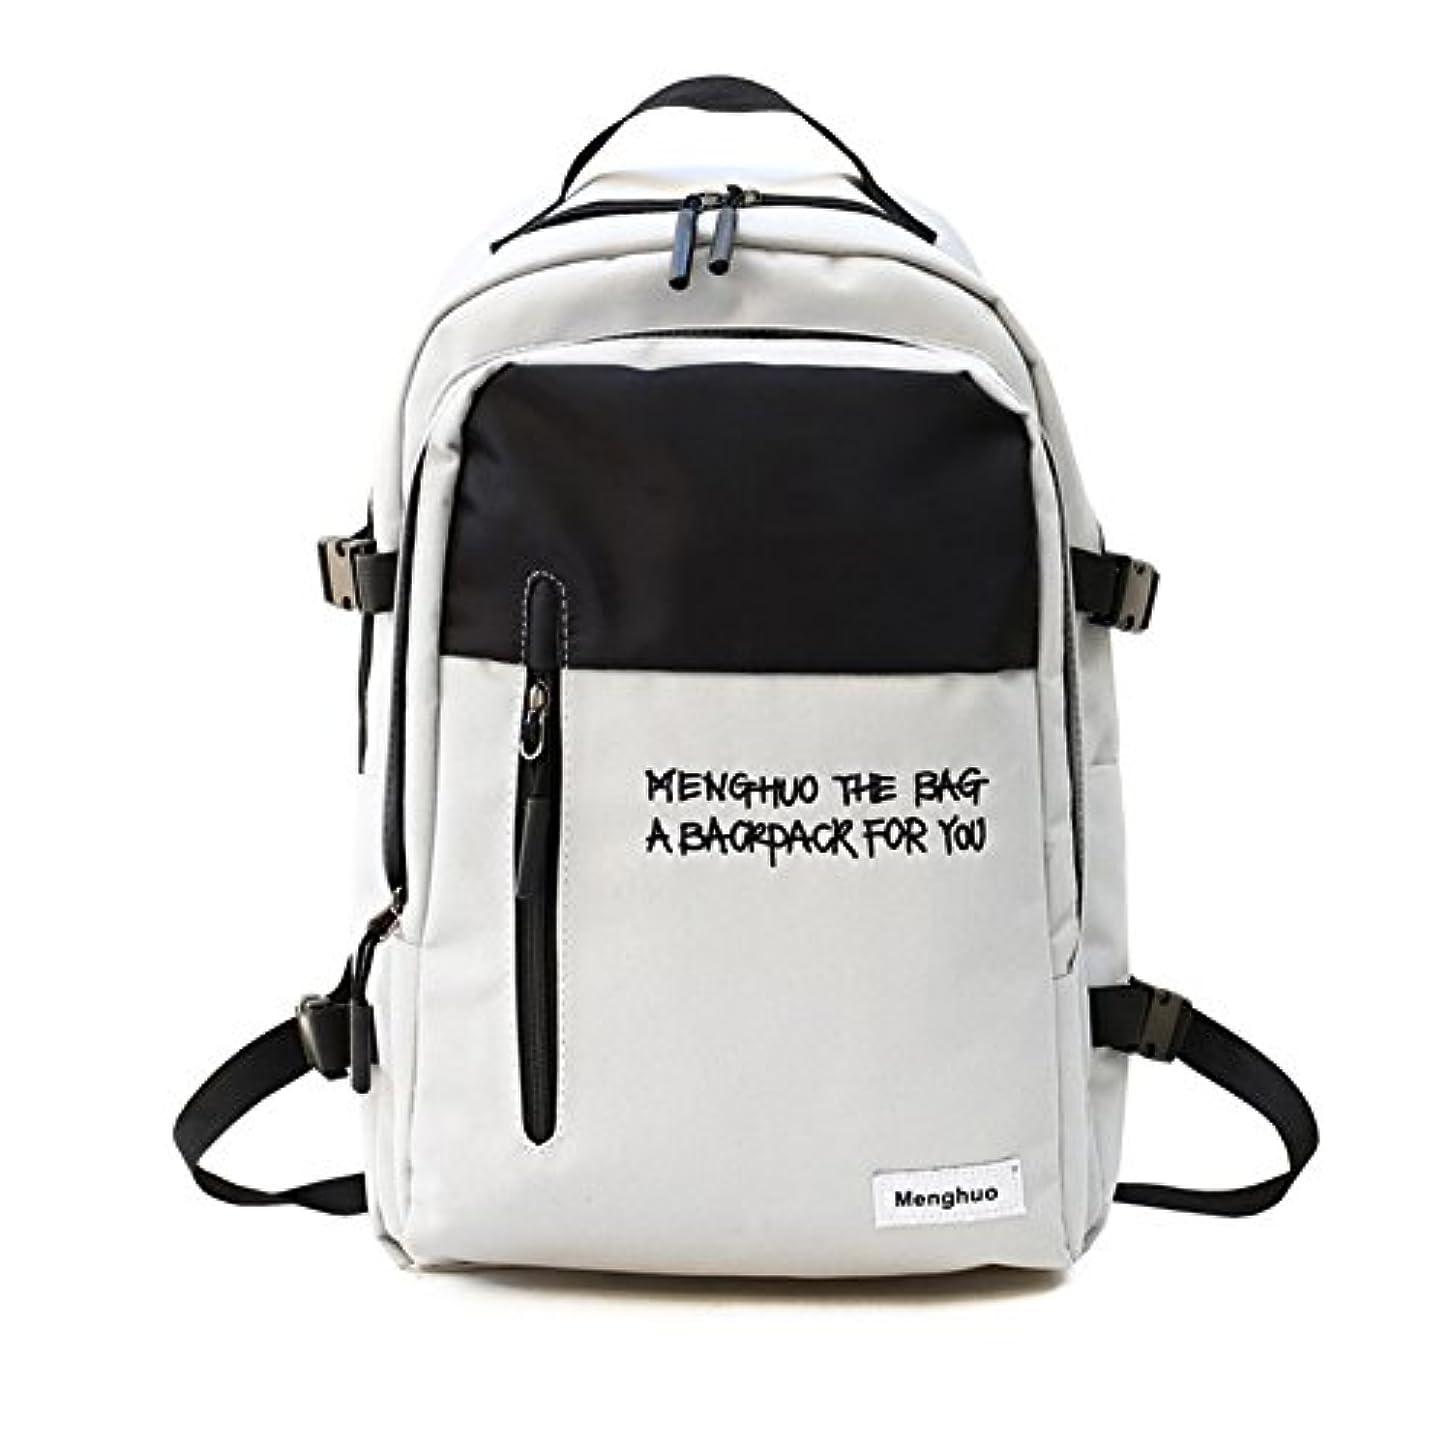 ご注意カンガルー大臣Menozo M470 ズック 大容量 高校生 リュックサック 通勤 レディース 通学 リュック メンズ バックパック